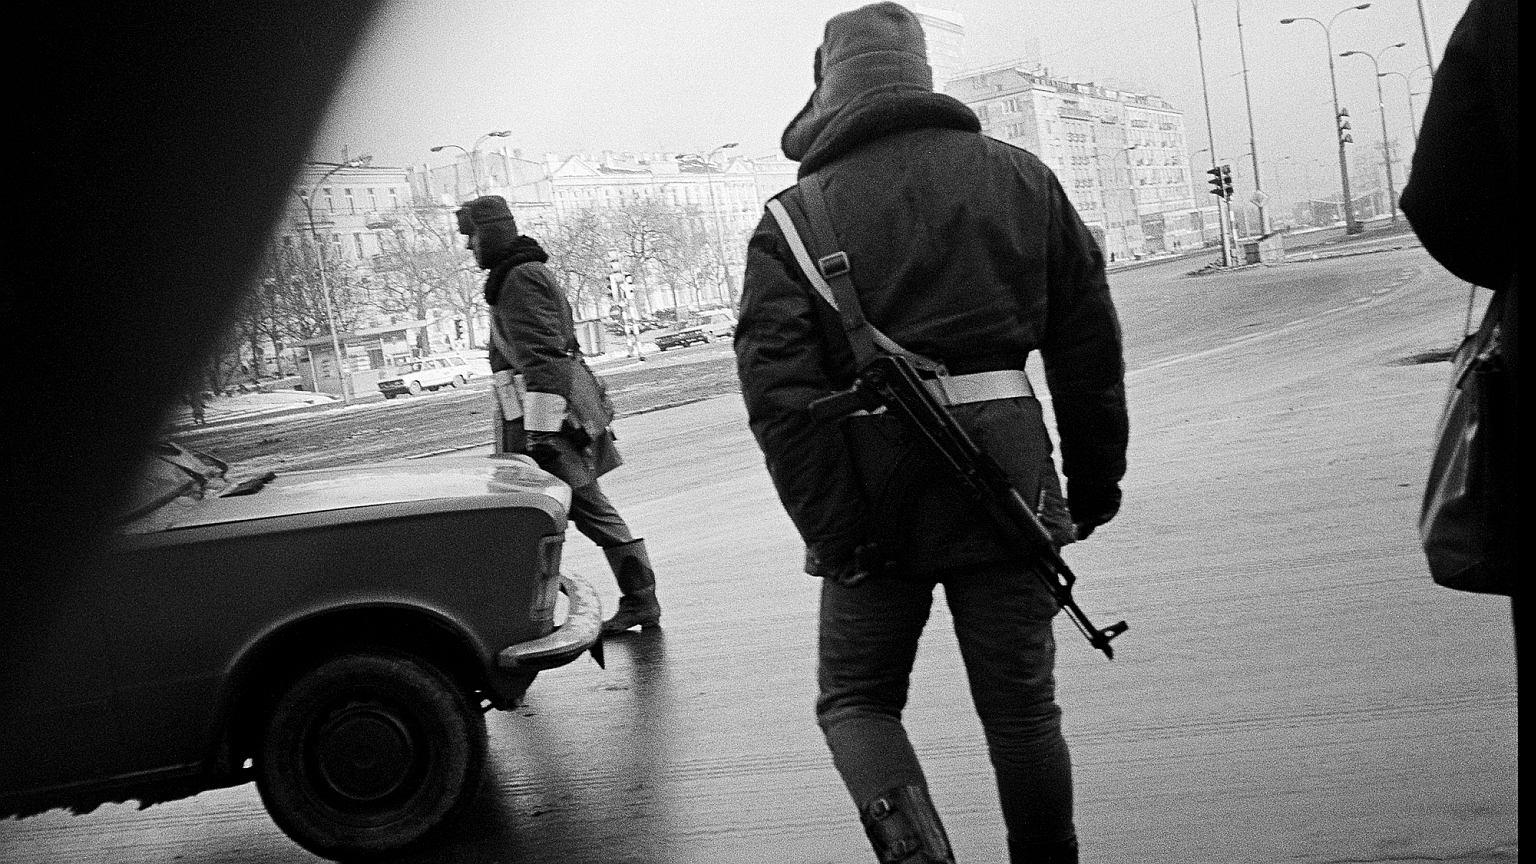 Zdjęcie zrobione z ukrycia w stanie wojennym